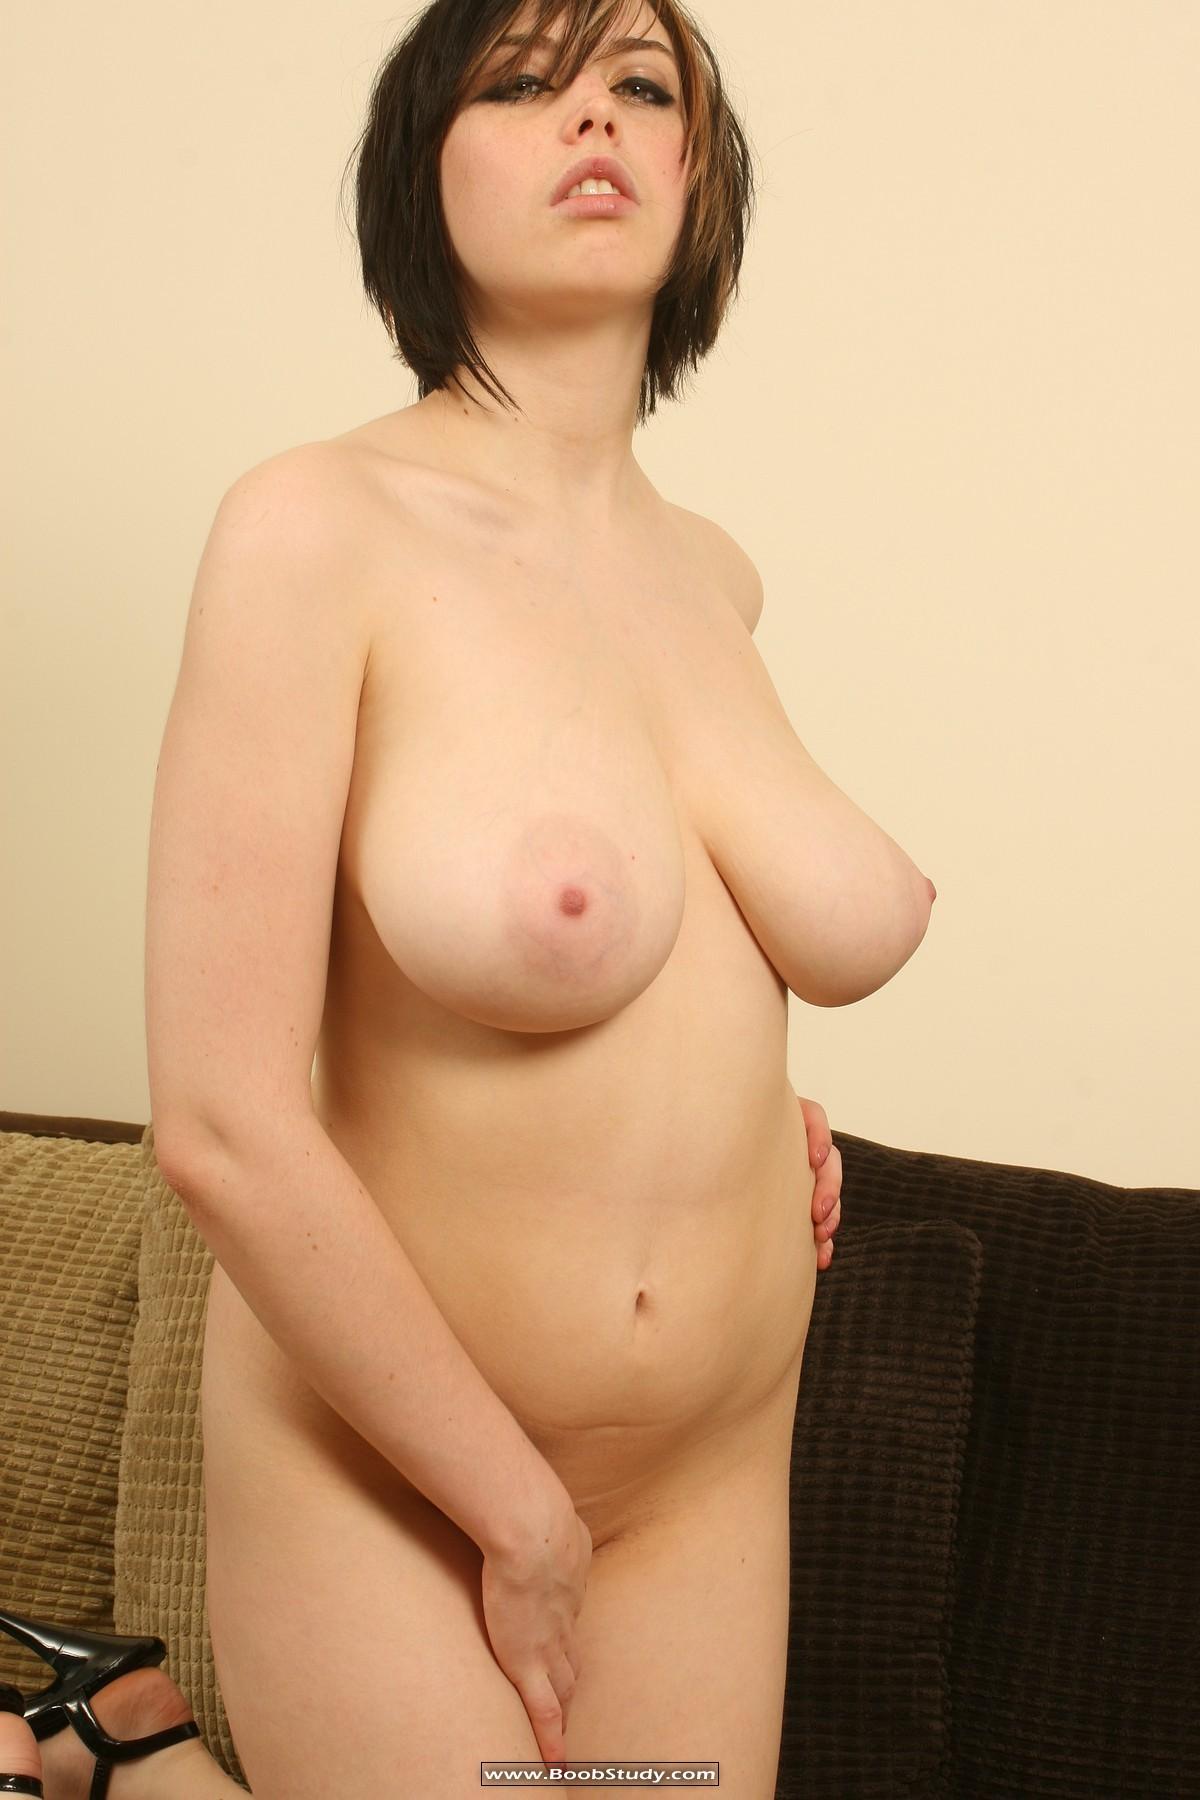 Louisa lockhart nude